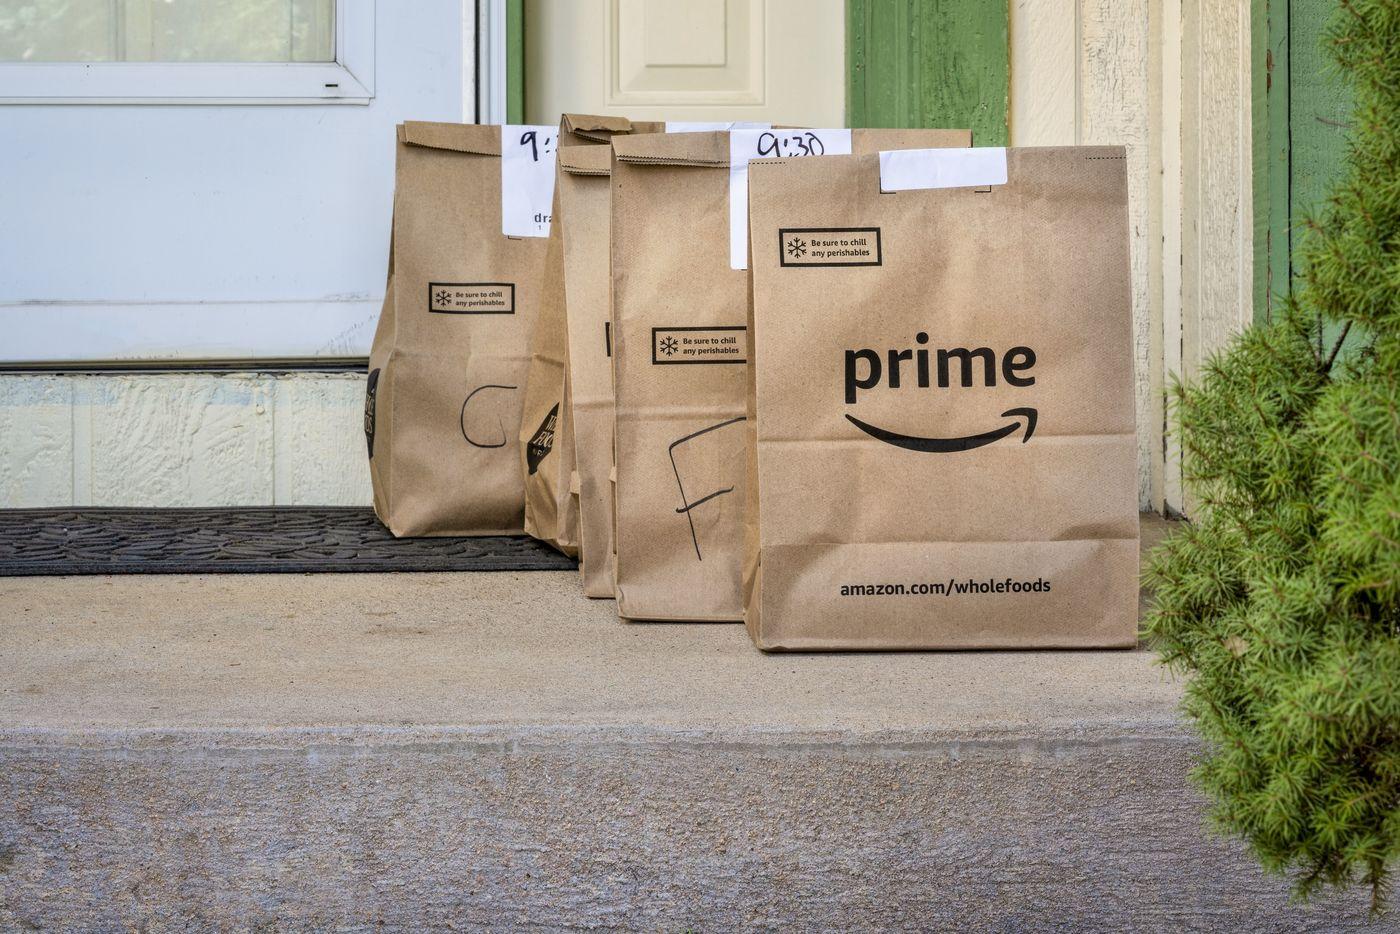 Amazonブラックフライデー!2021年は11/26から?目玉商品と攻略方法の2枚目の画像